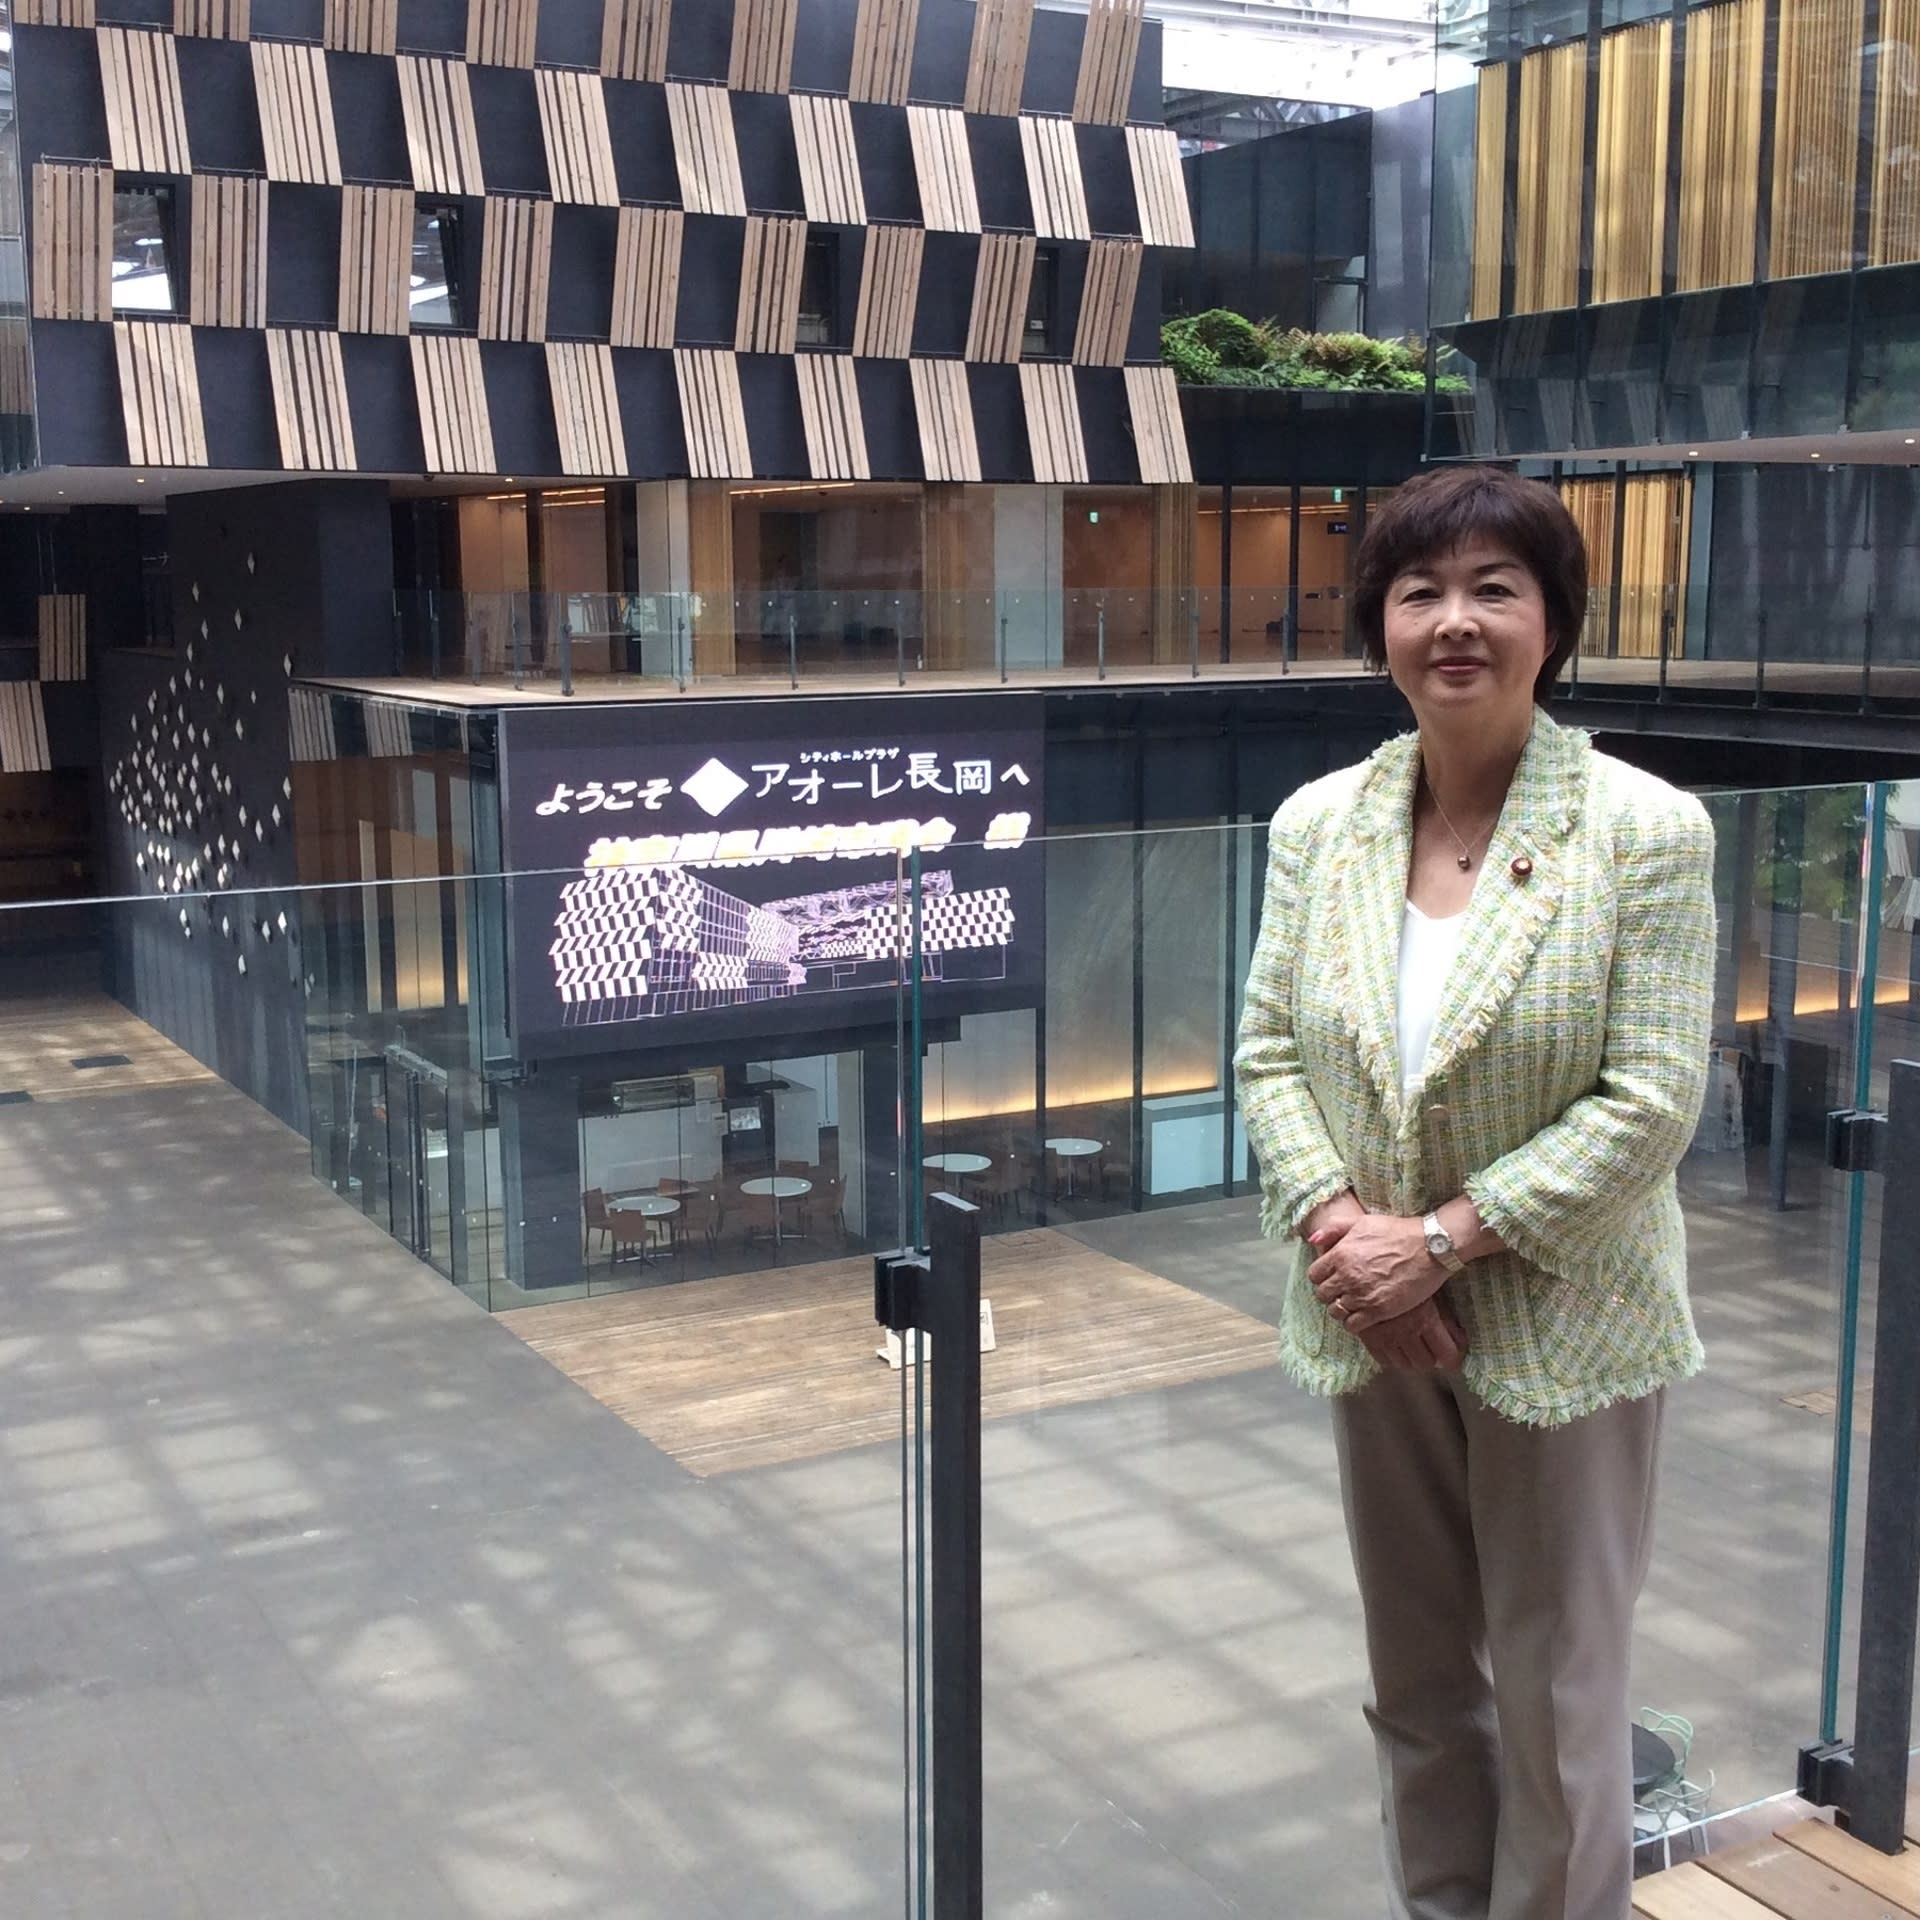 自転車の 新潟市 自転車 条例 : 議会場は1回にあり 市民から ...